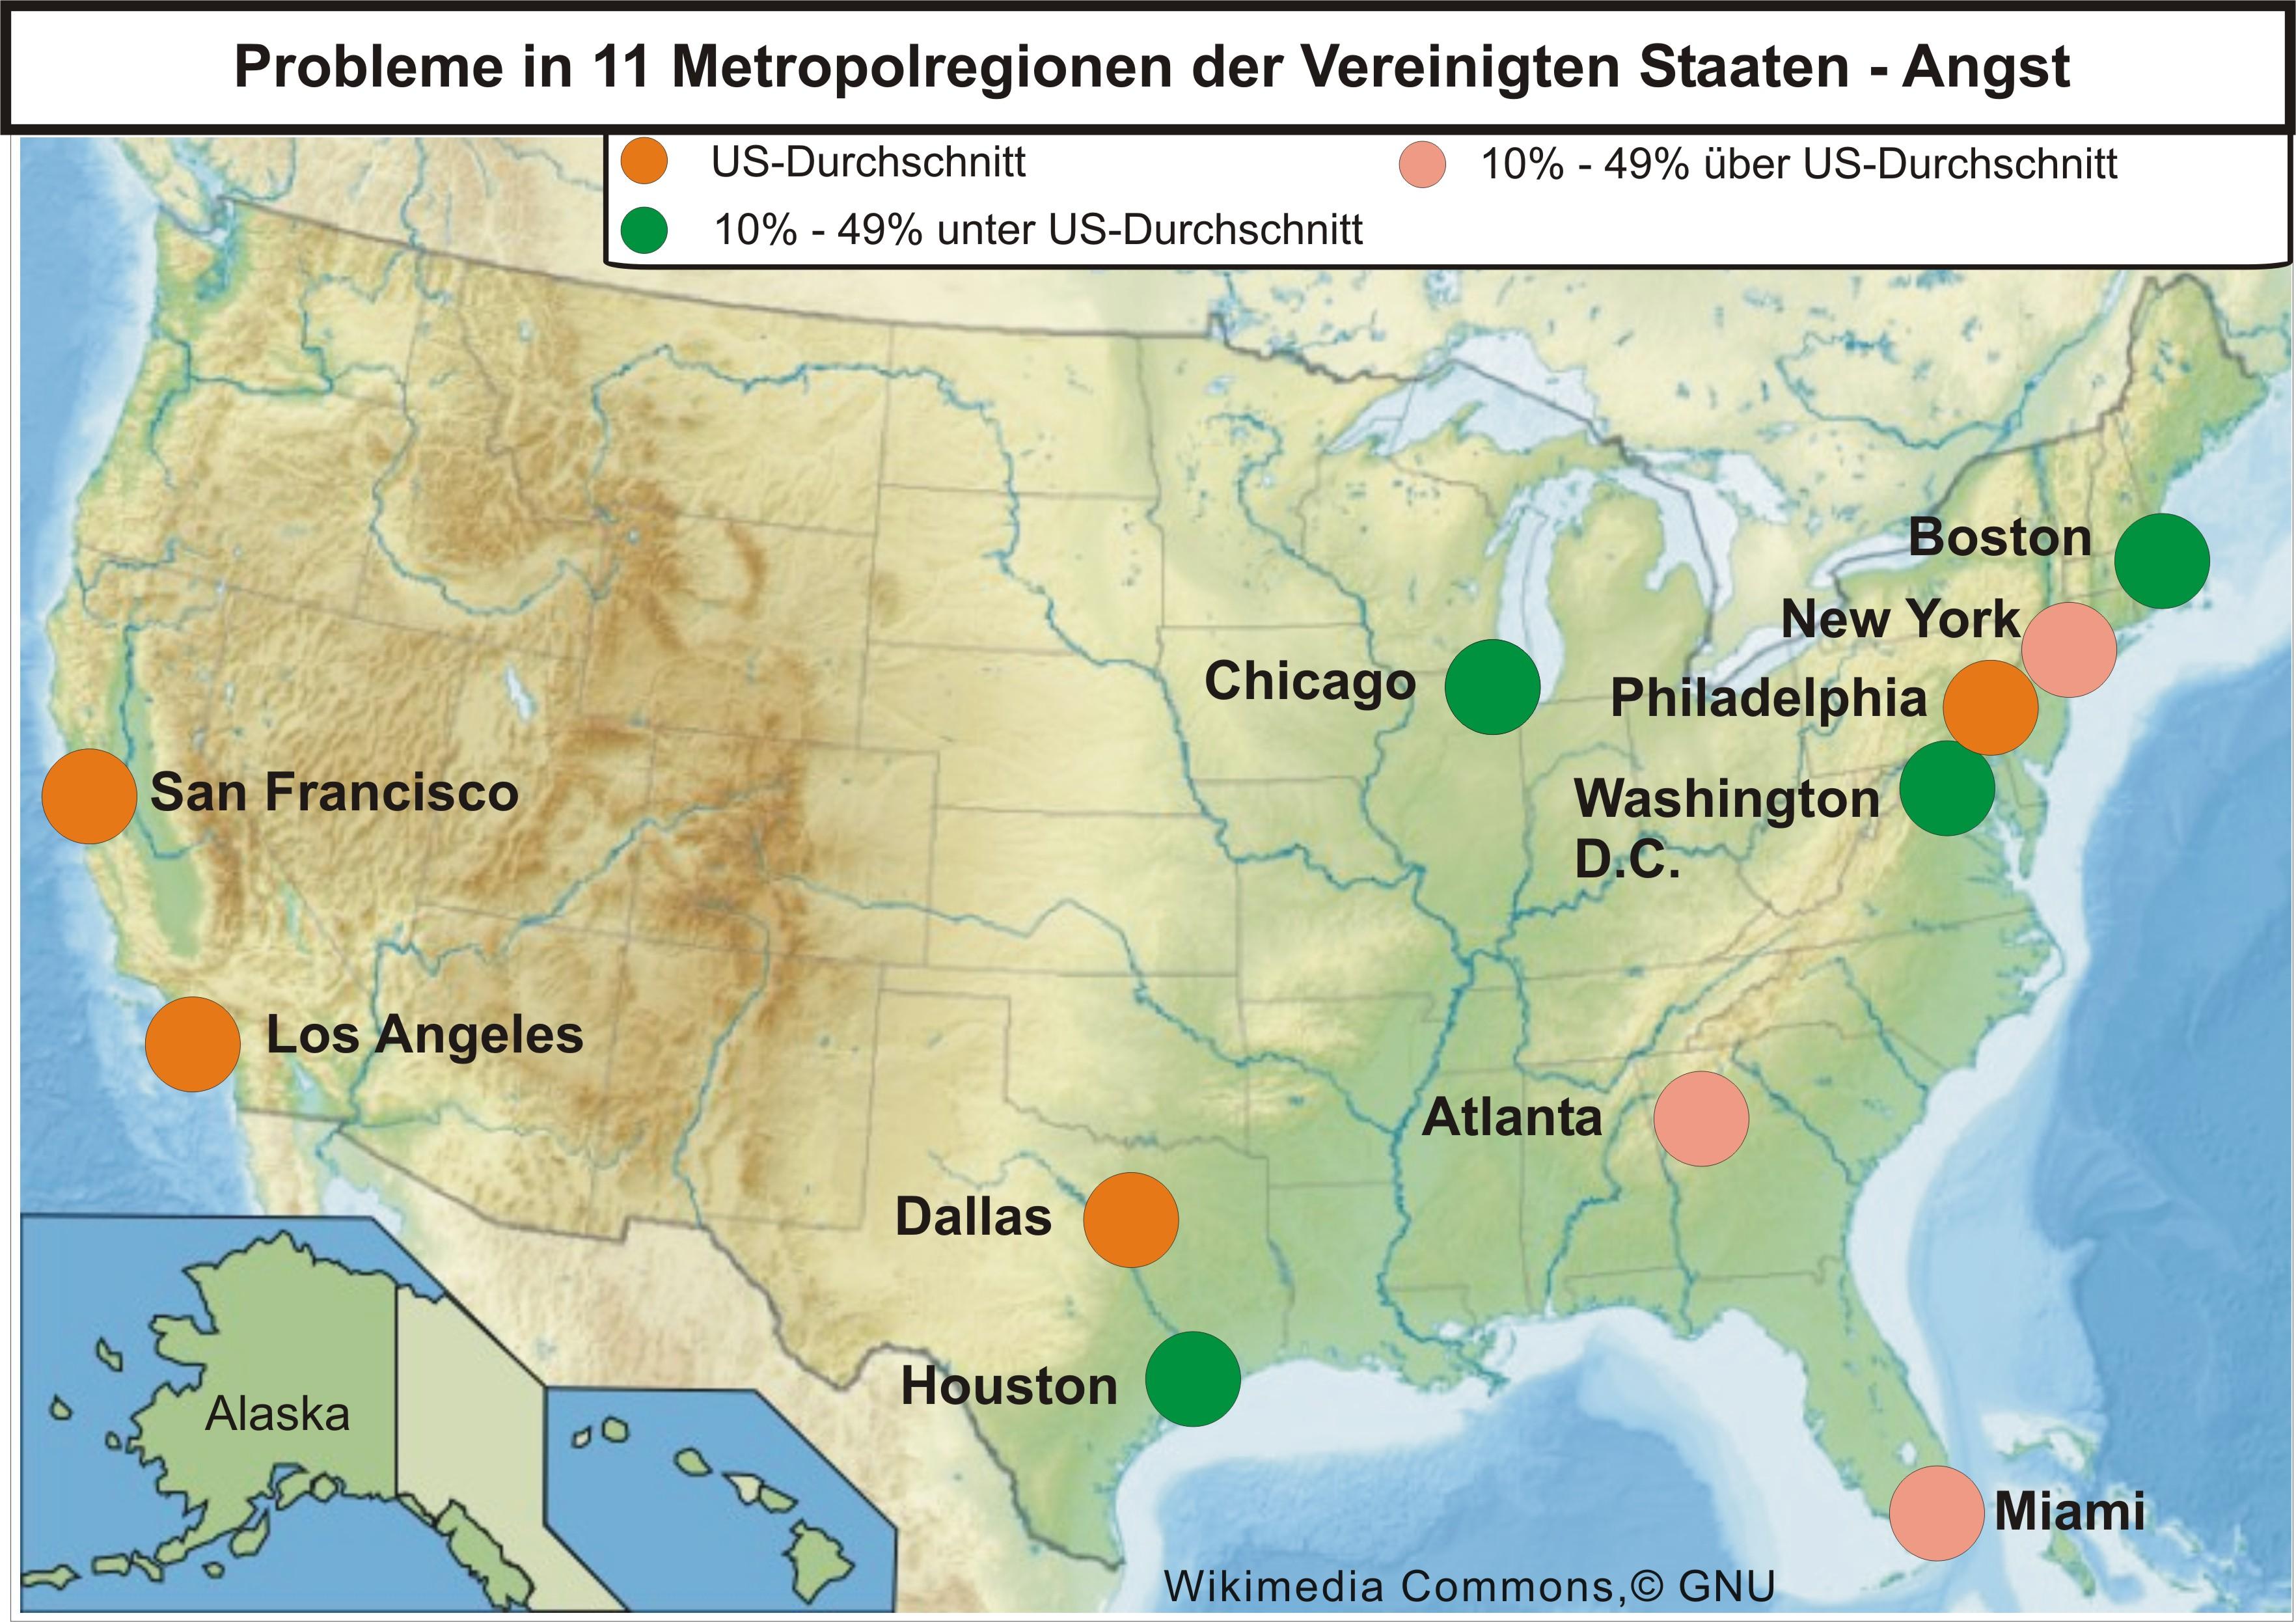 Karte mit den 11 Metropolen der USA für das Problem Angst.